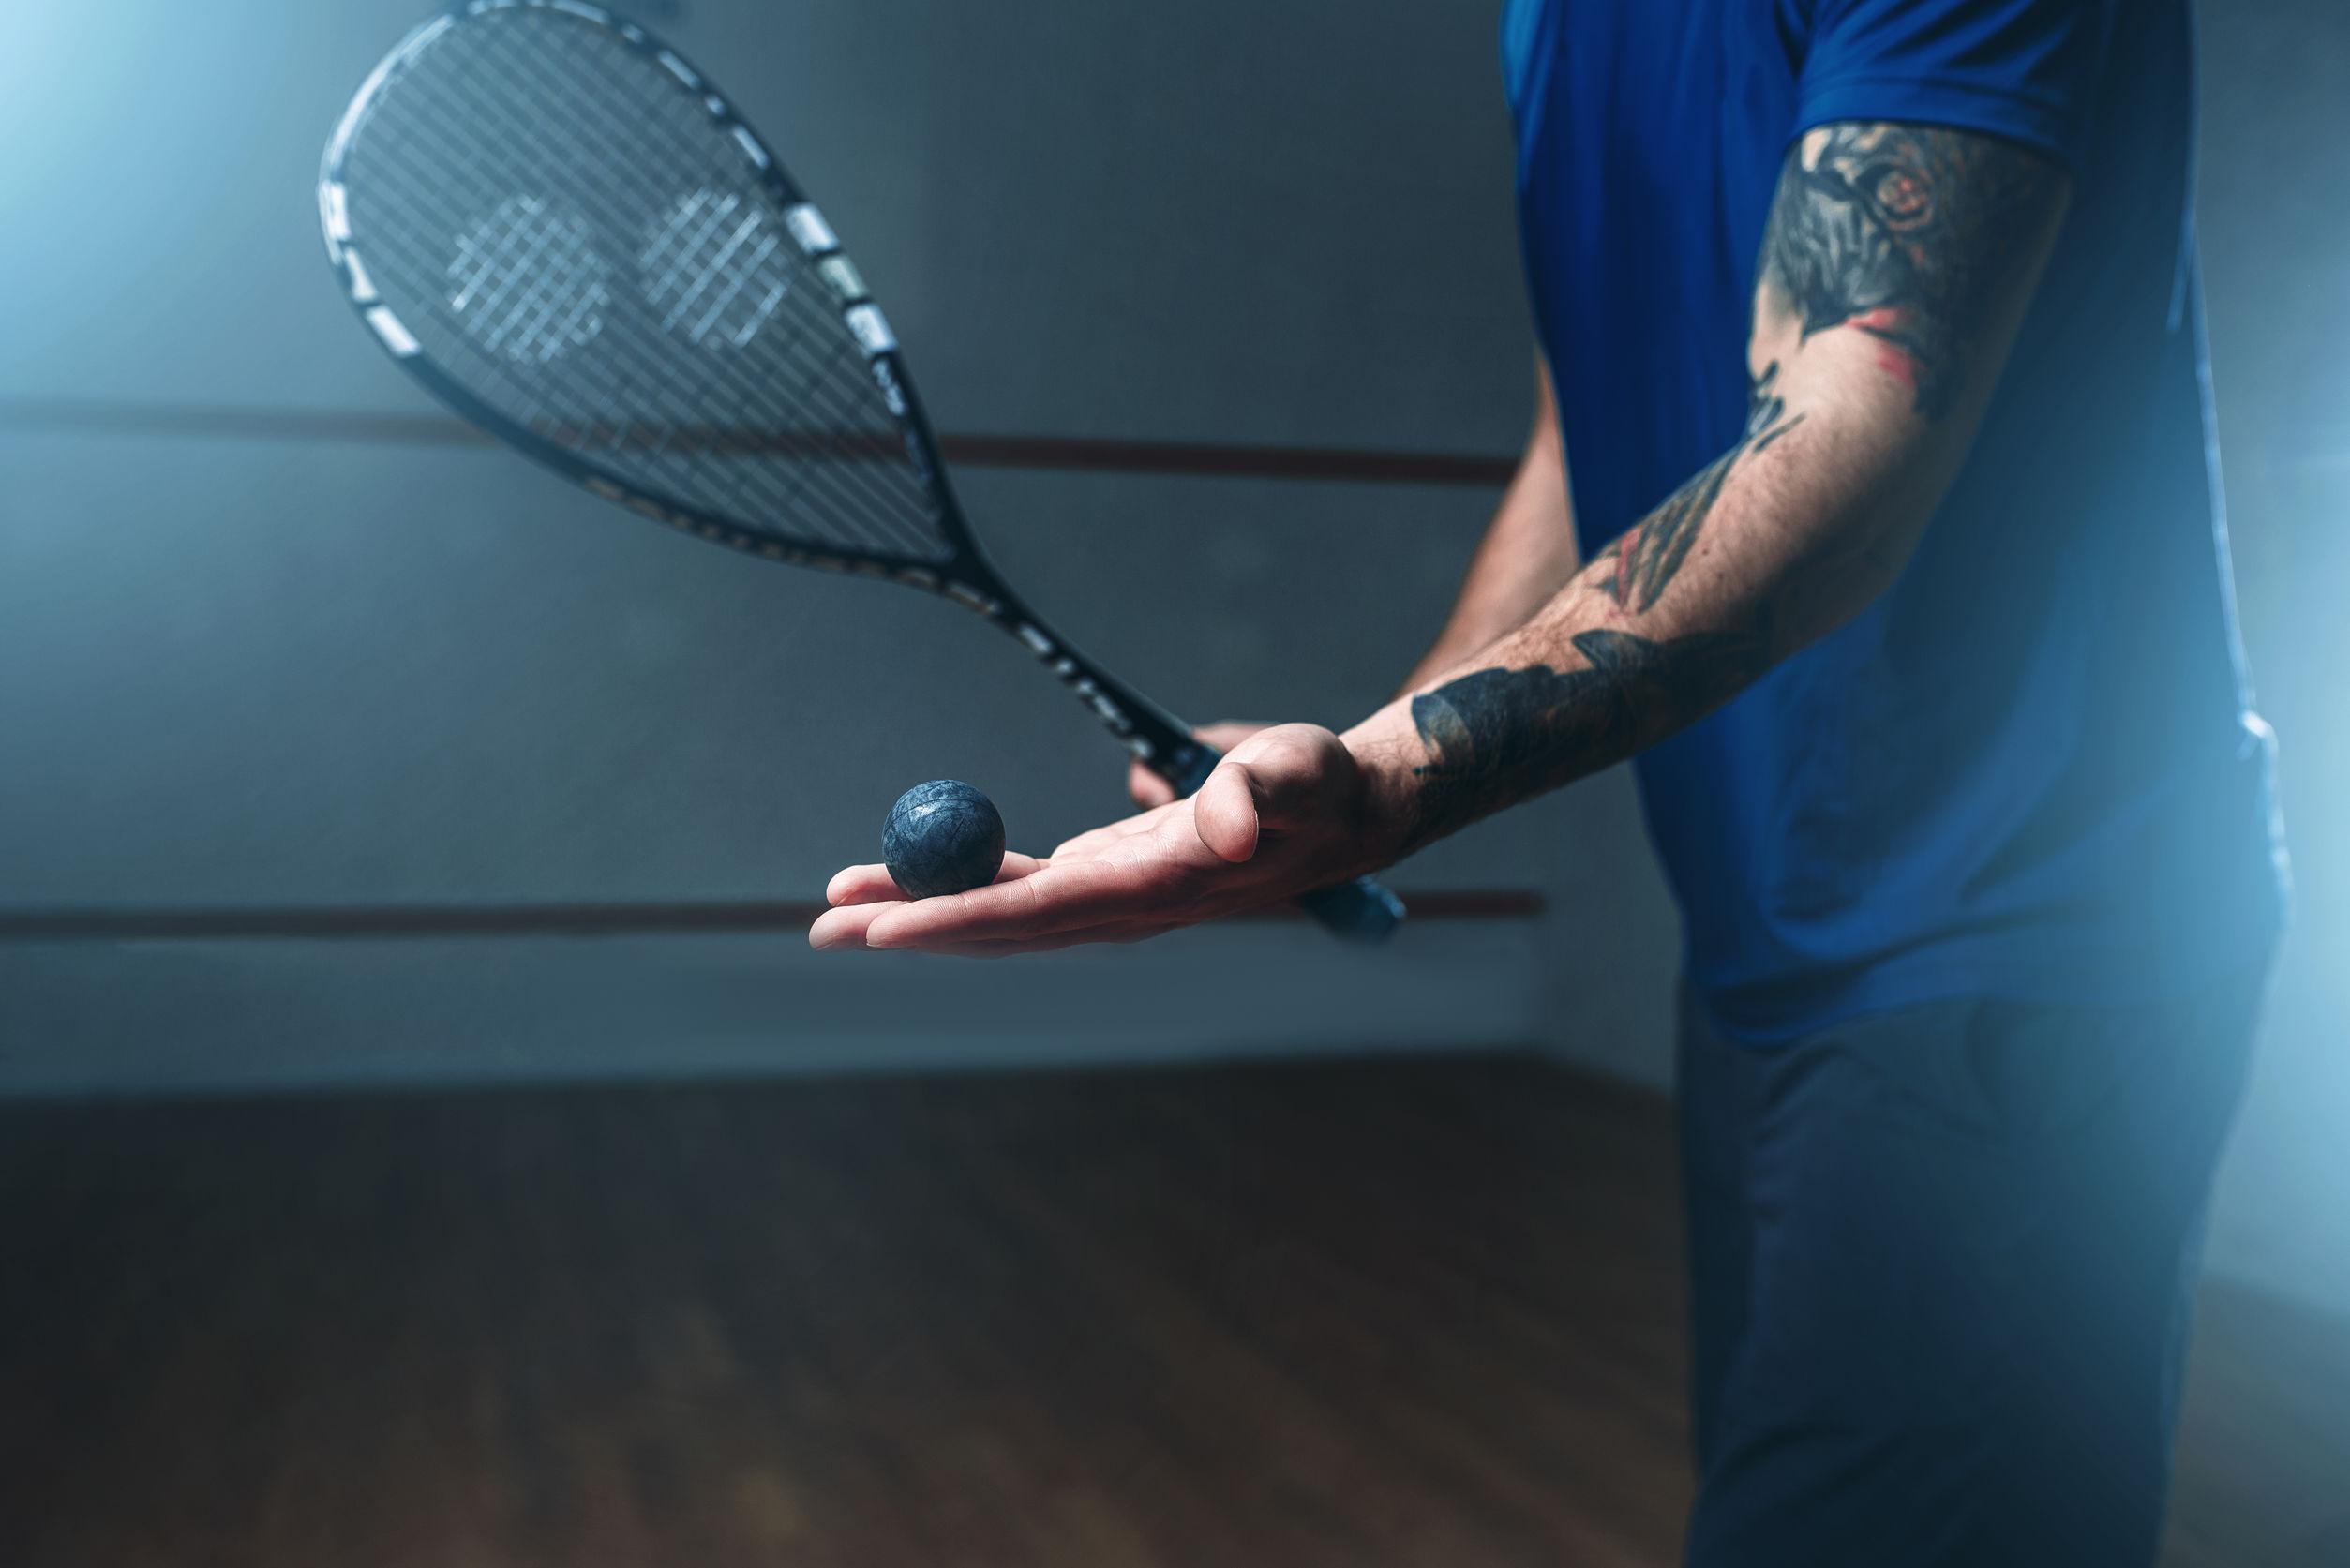 Foto em que aparece metade do braço de um homem segurando uma bolinha de squash em uma mão, com uma raquete de Squash ao fundo